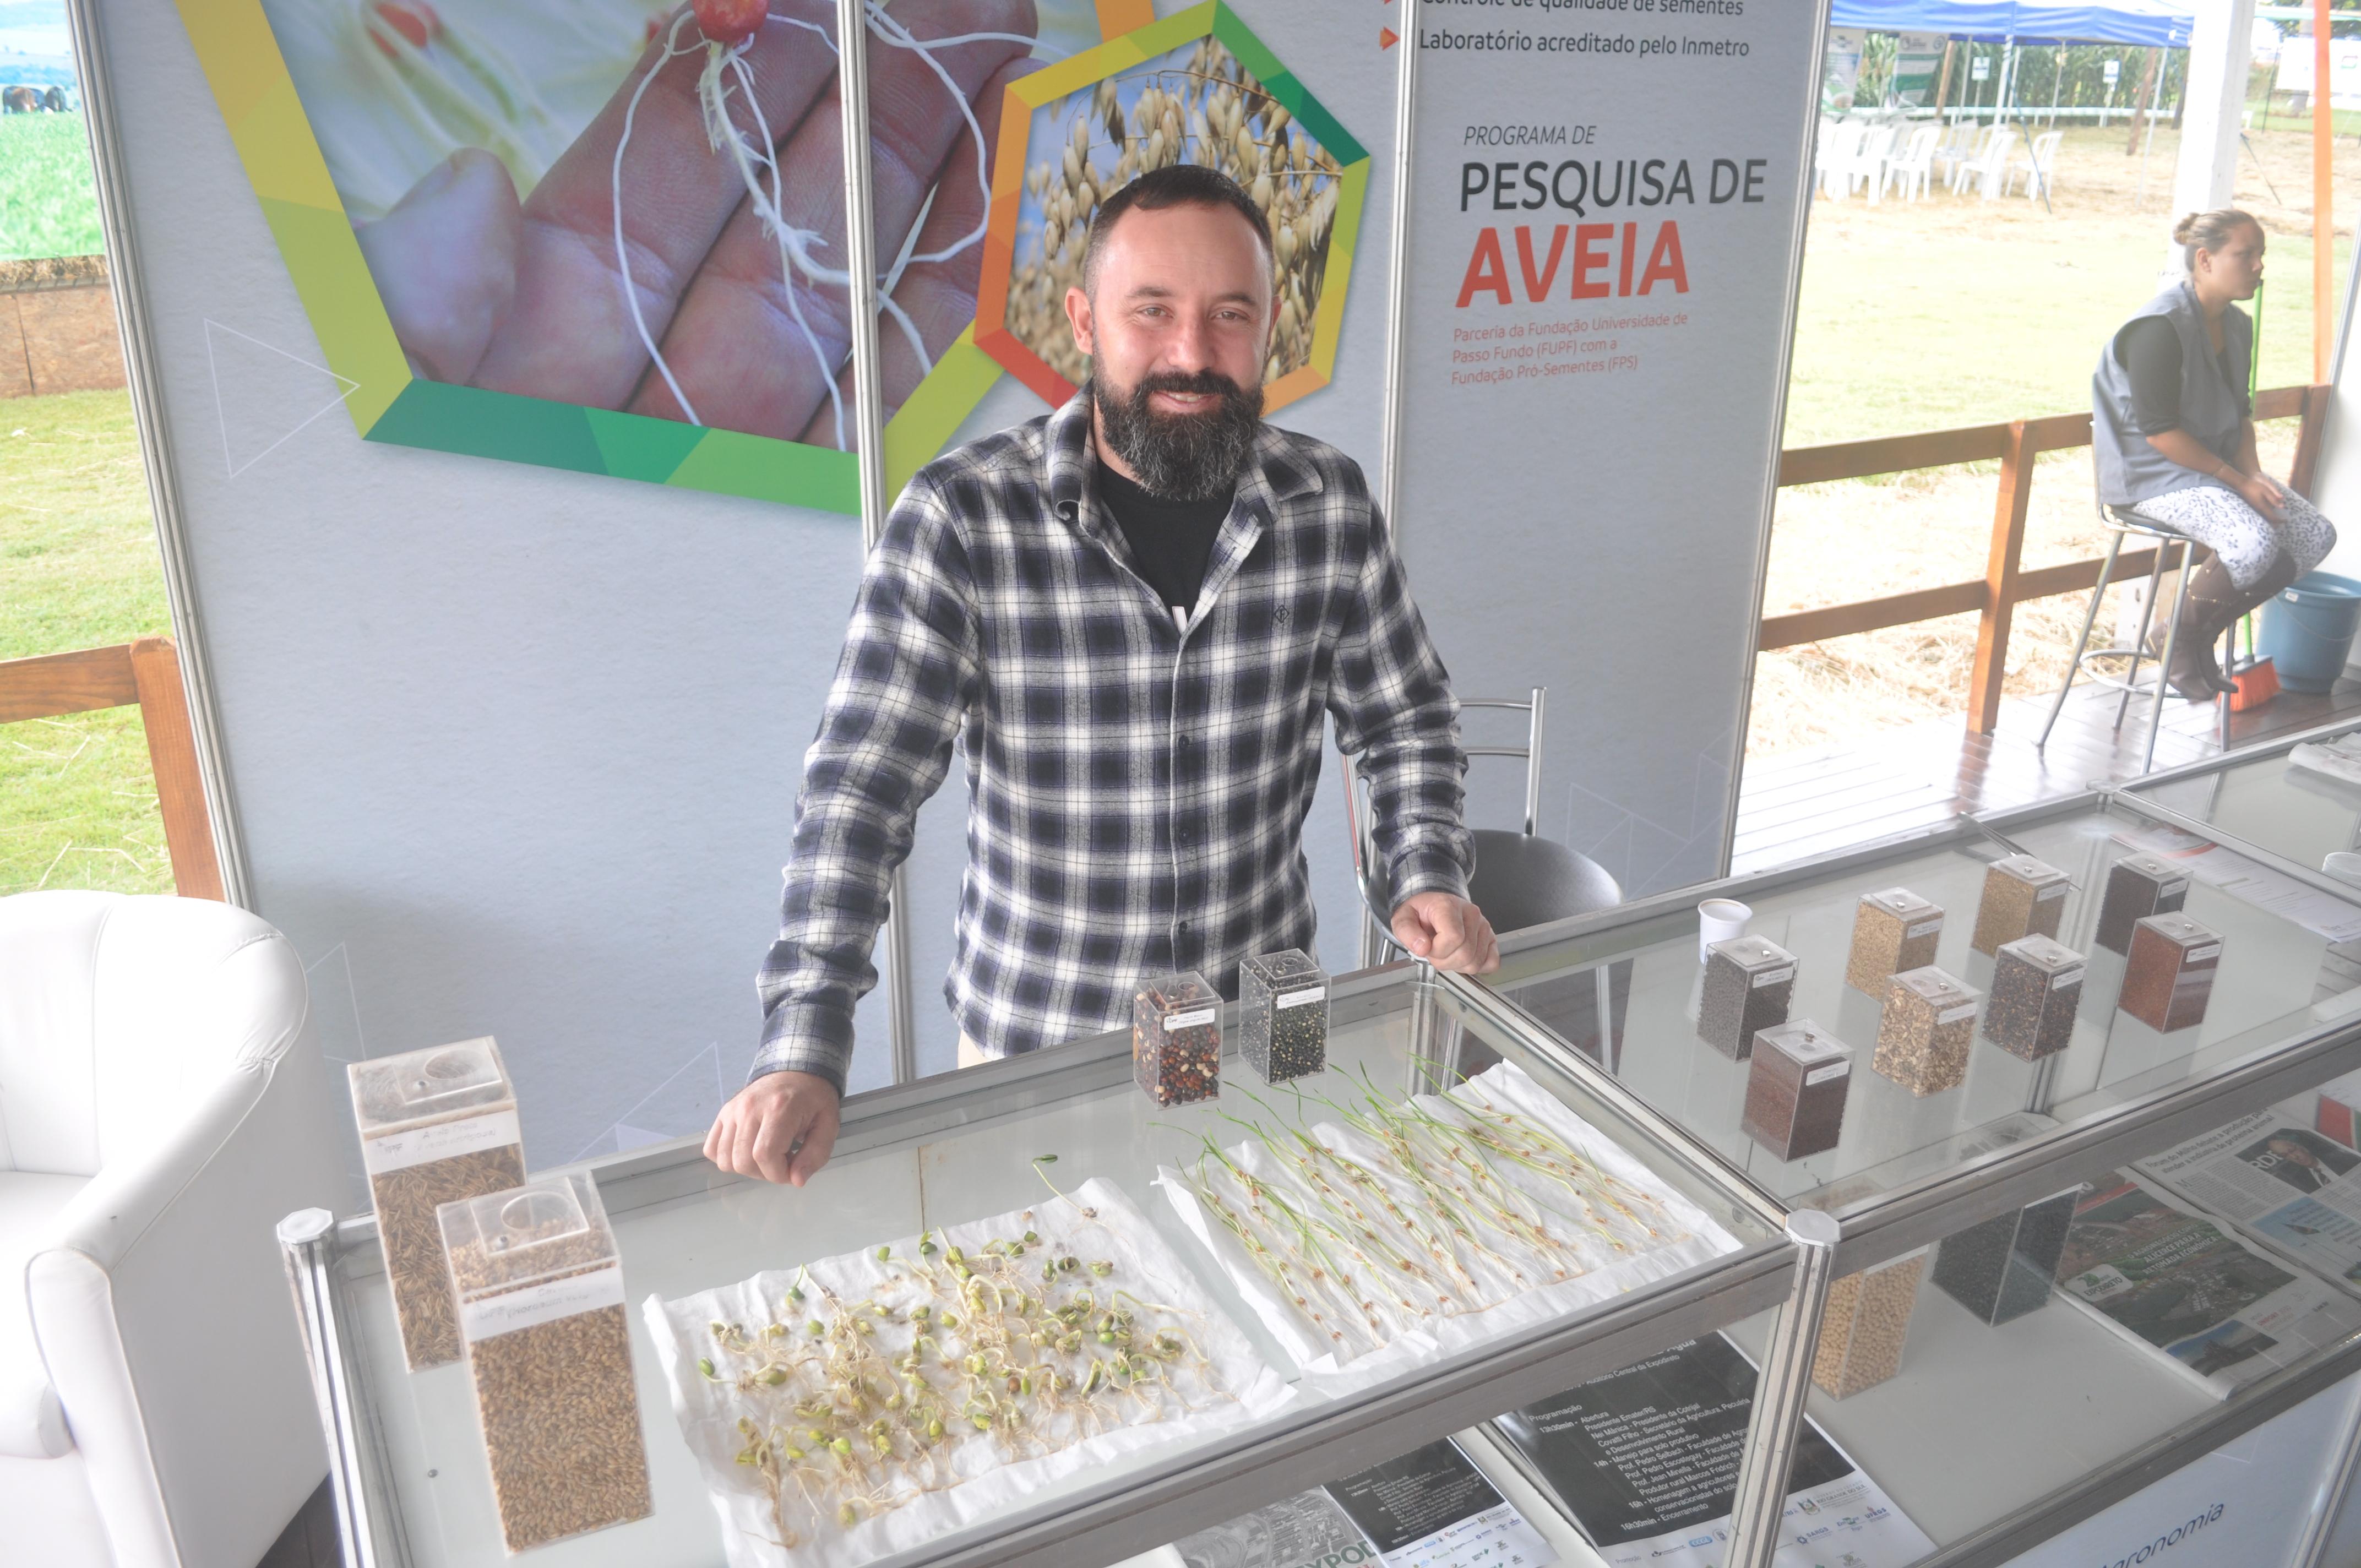 Laboratorista Pablo Fernando Arendt mostra como são feitos os testes de qualidade em sementes